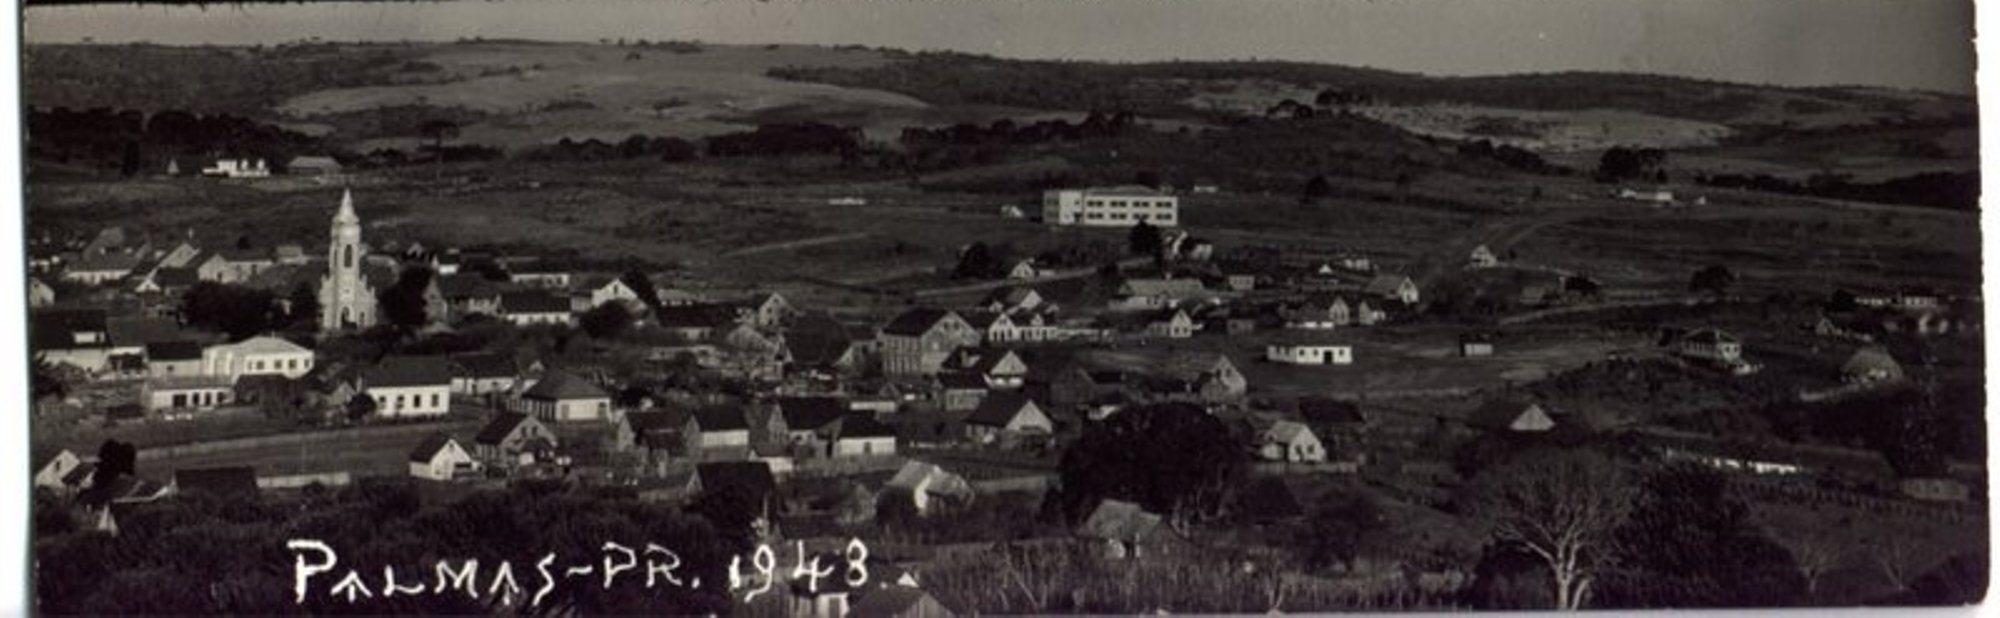 Palmas1948